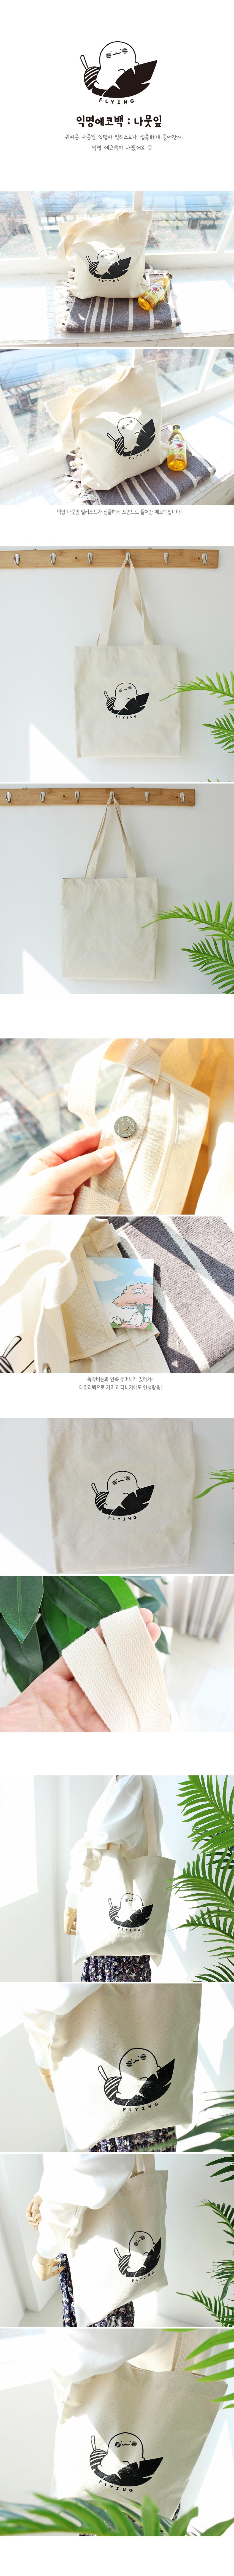 익명 에코백 나뭇잎 - 캐릭터타운, 11,000원, 캔버스/에코백, 에코백